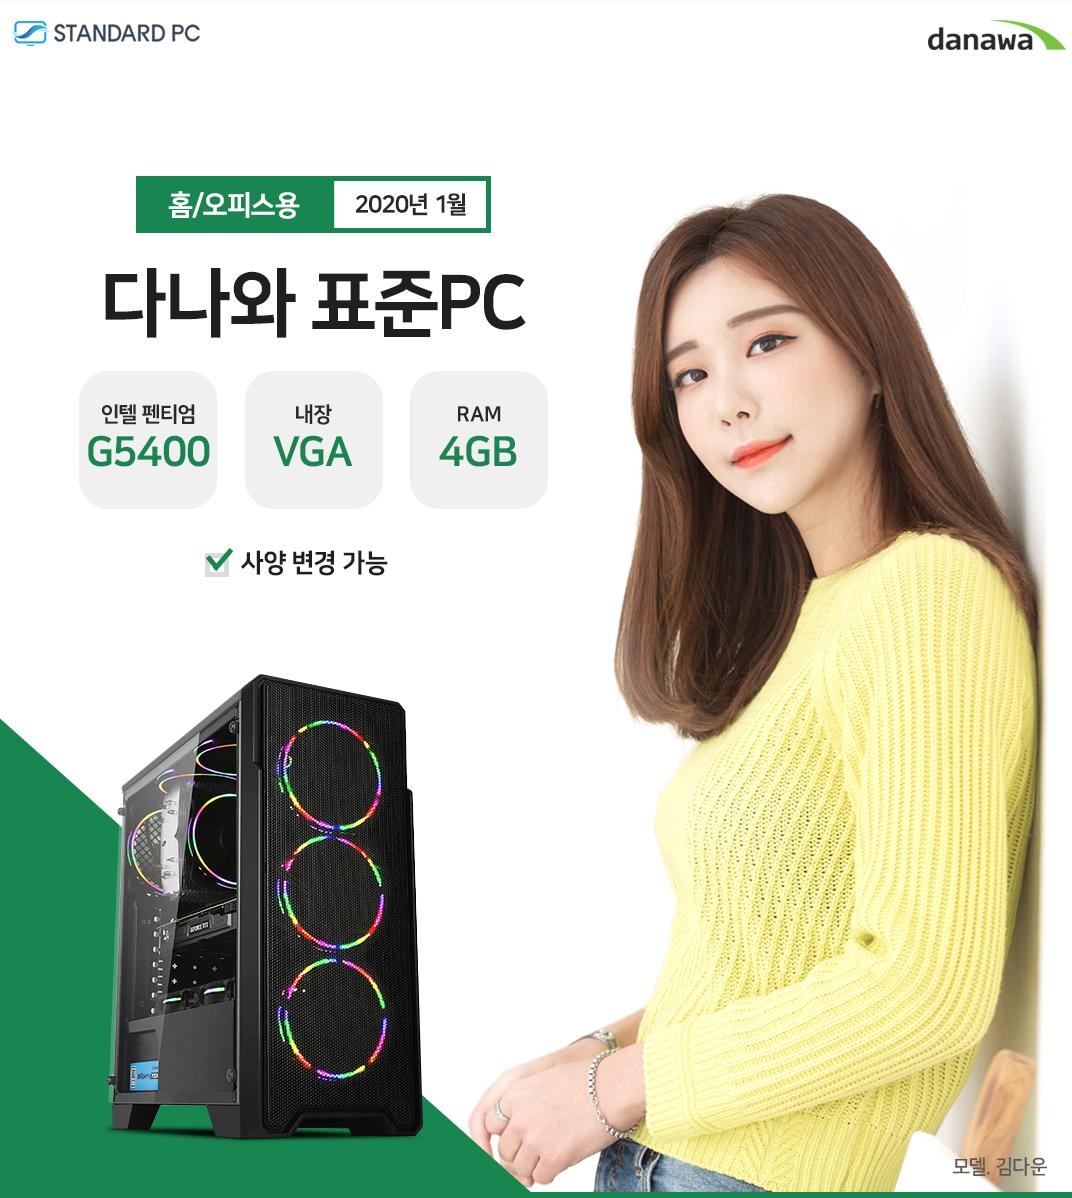 2020년 01월 다나와 표준PC 홈/오피스용 인텔G5400 내장 VGA RAM 4G 모델 김다운